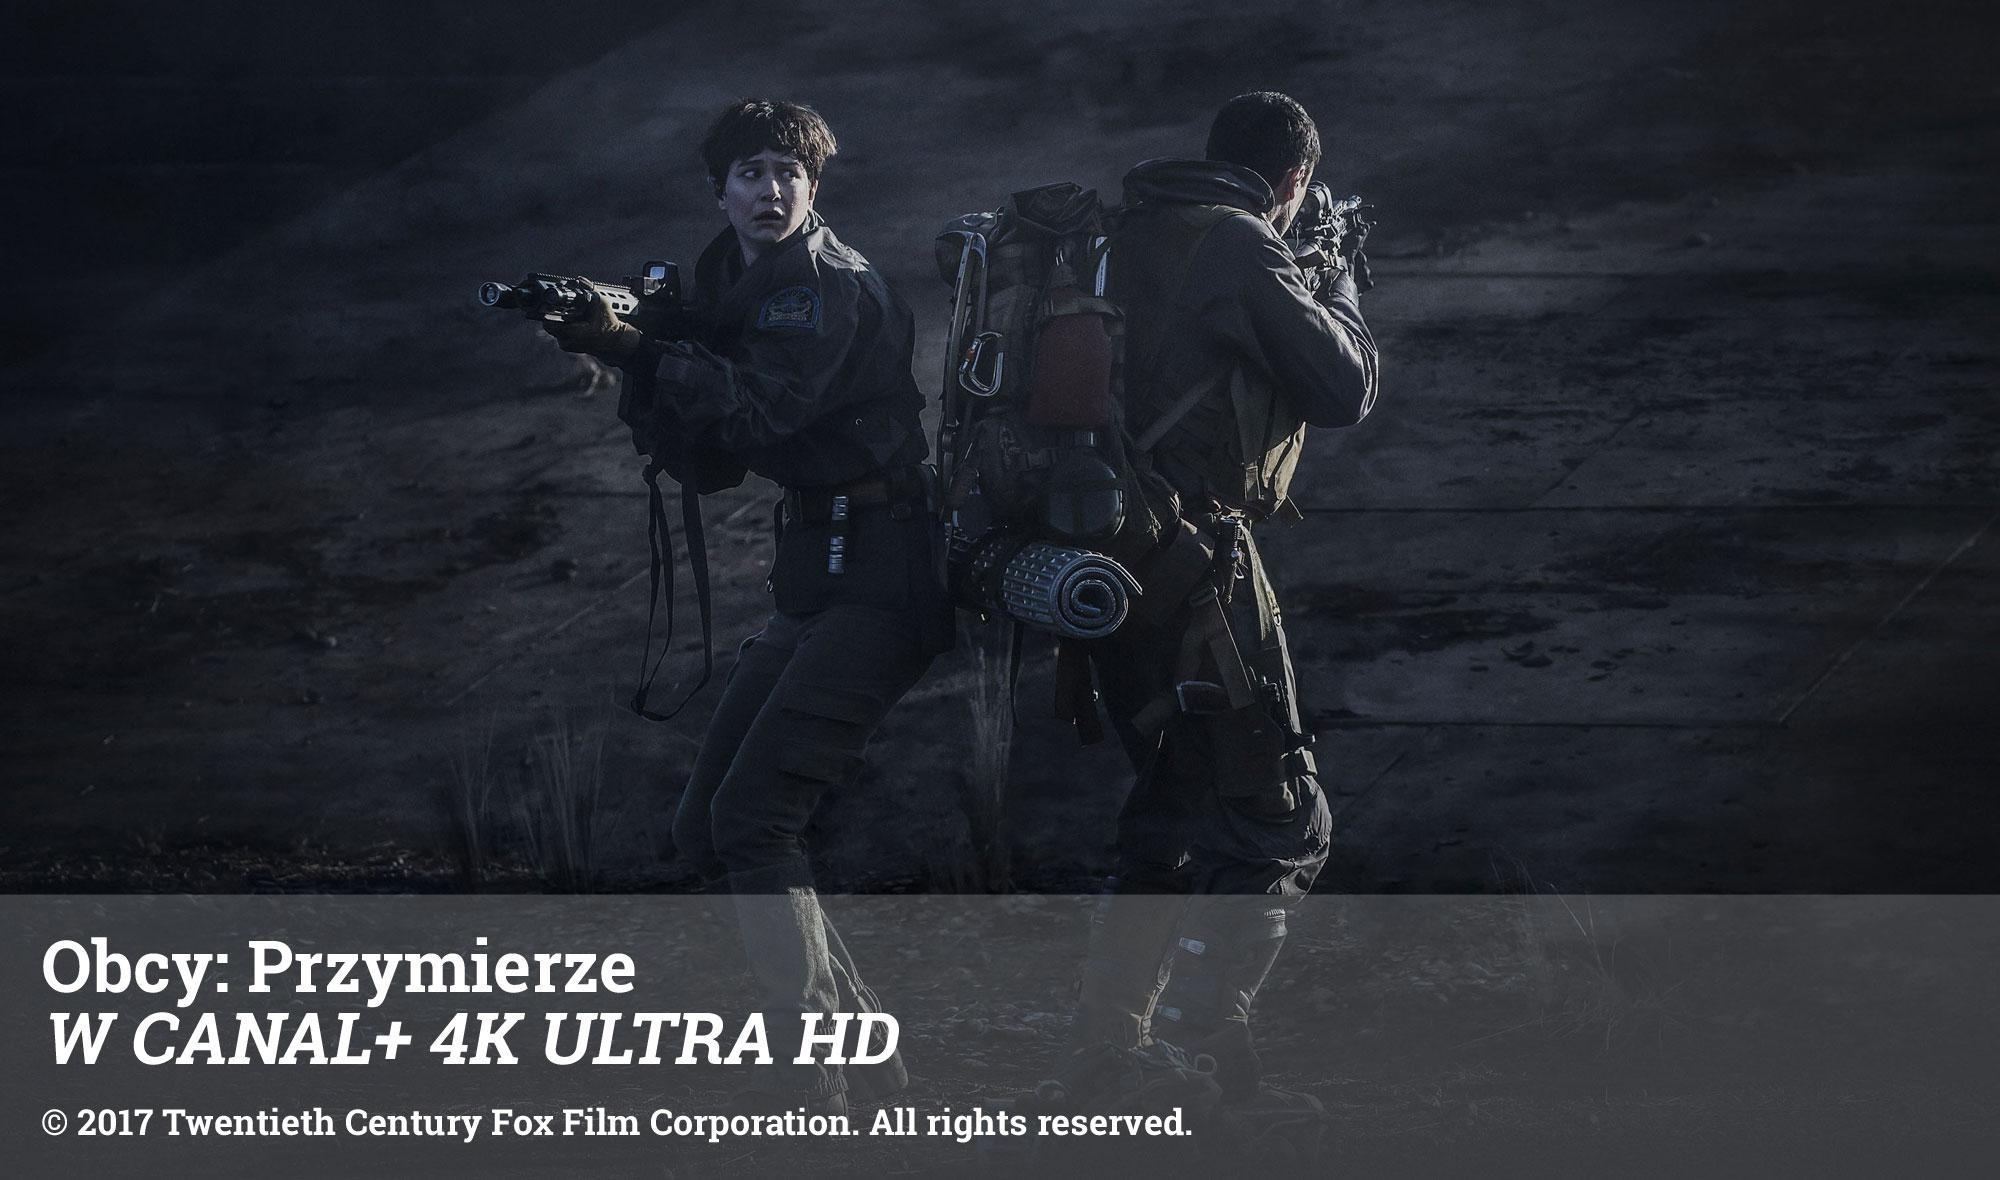 Obcy: Przymierze W CANAL+ 4K ULTRA HD